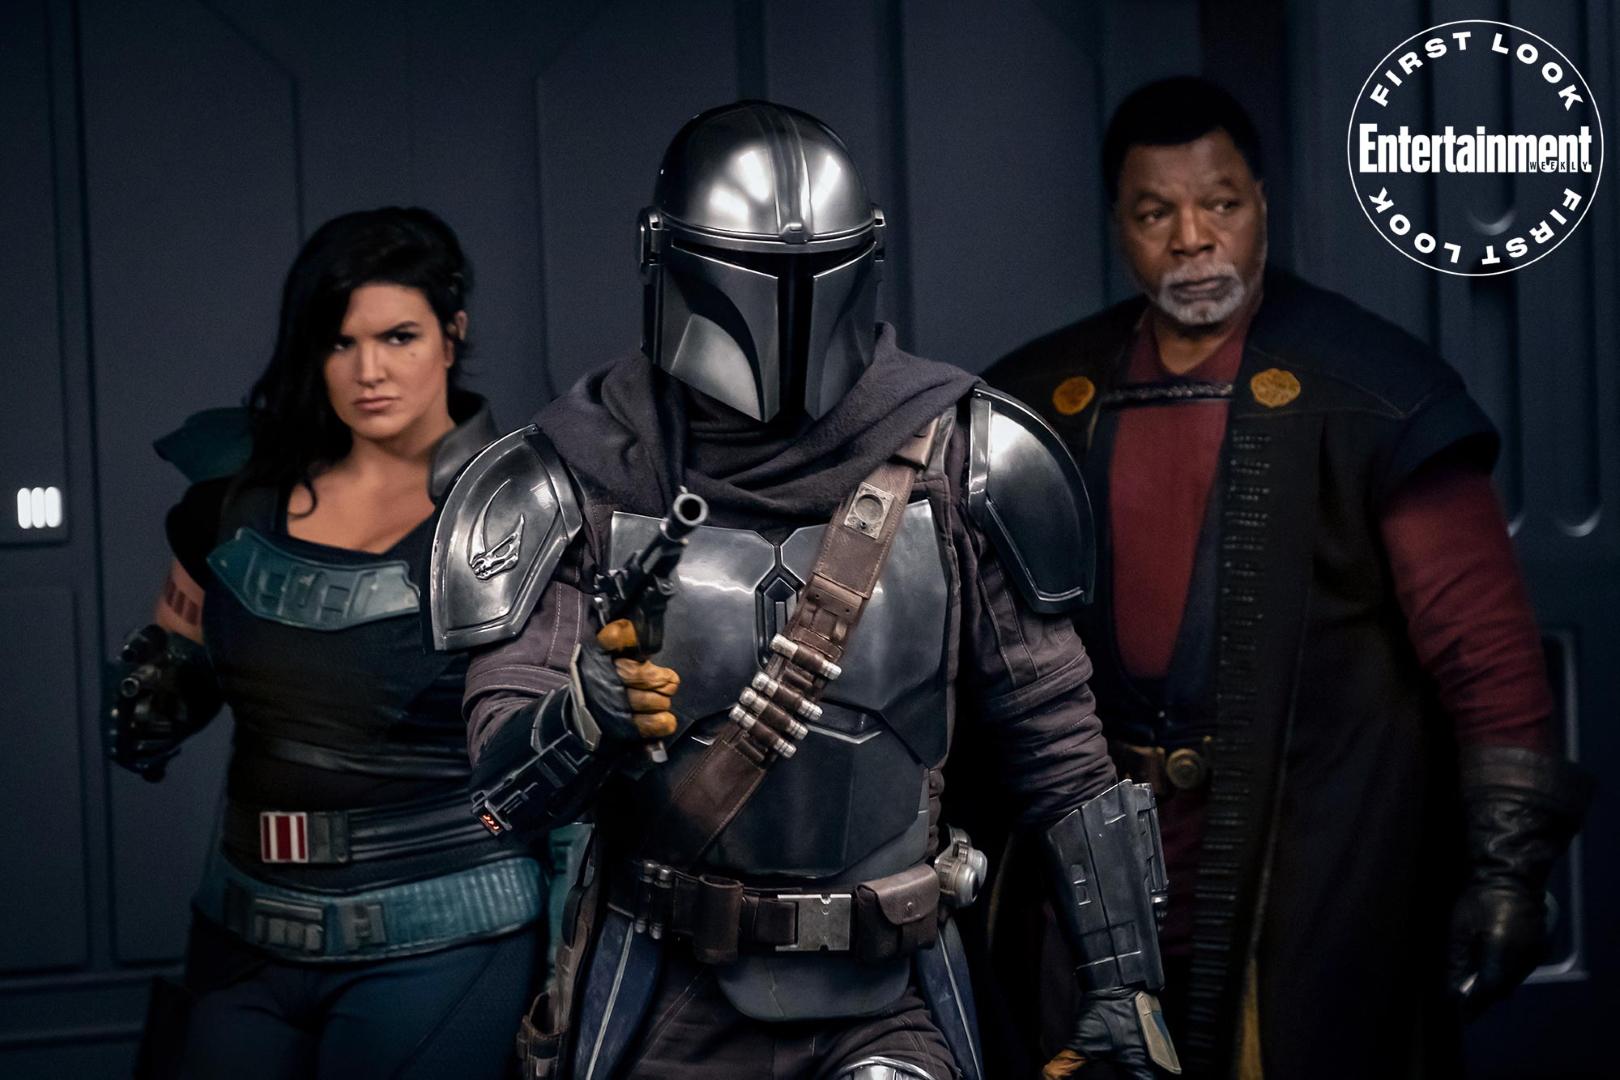 The Mandalorian, Cara Dune, and Greef Karga could split time as lead characters in The Mandalorian Season 2.